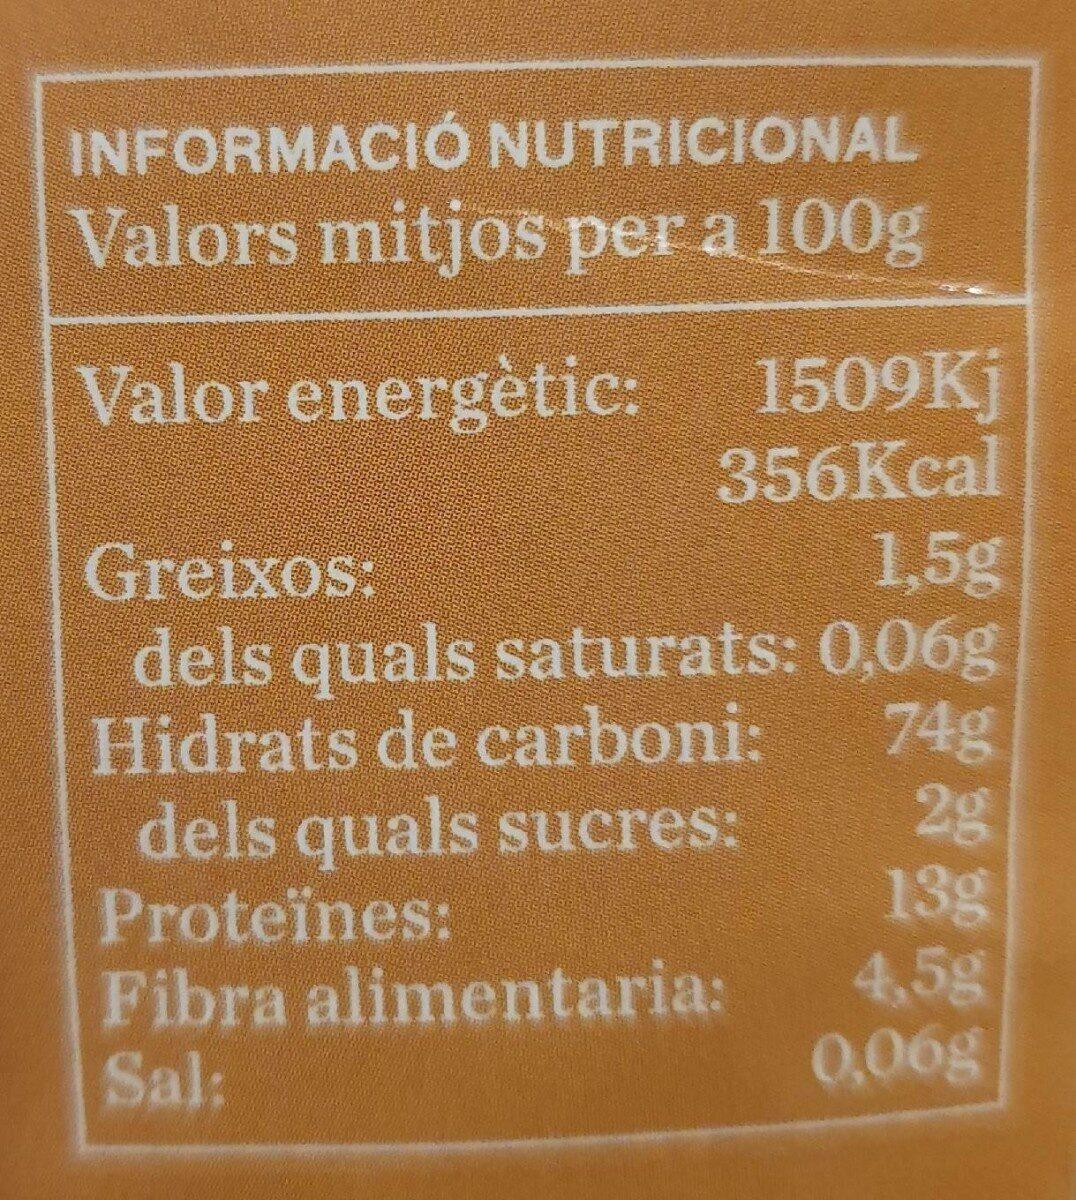 Macarrons integrals  d'esperar bio - Informations nutritionnelles - es